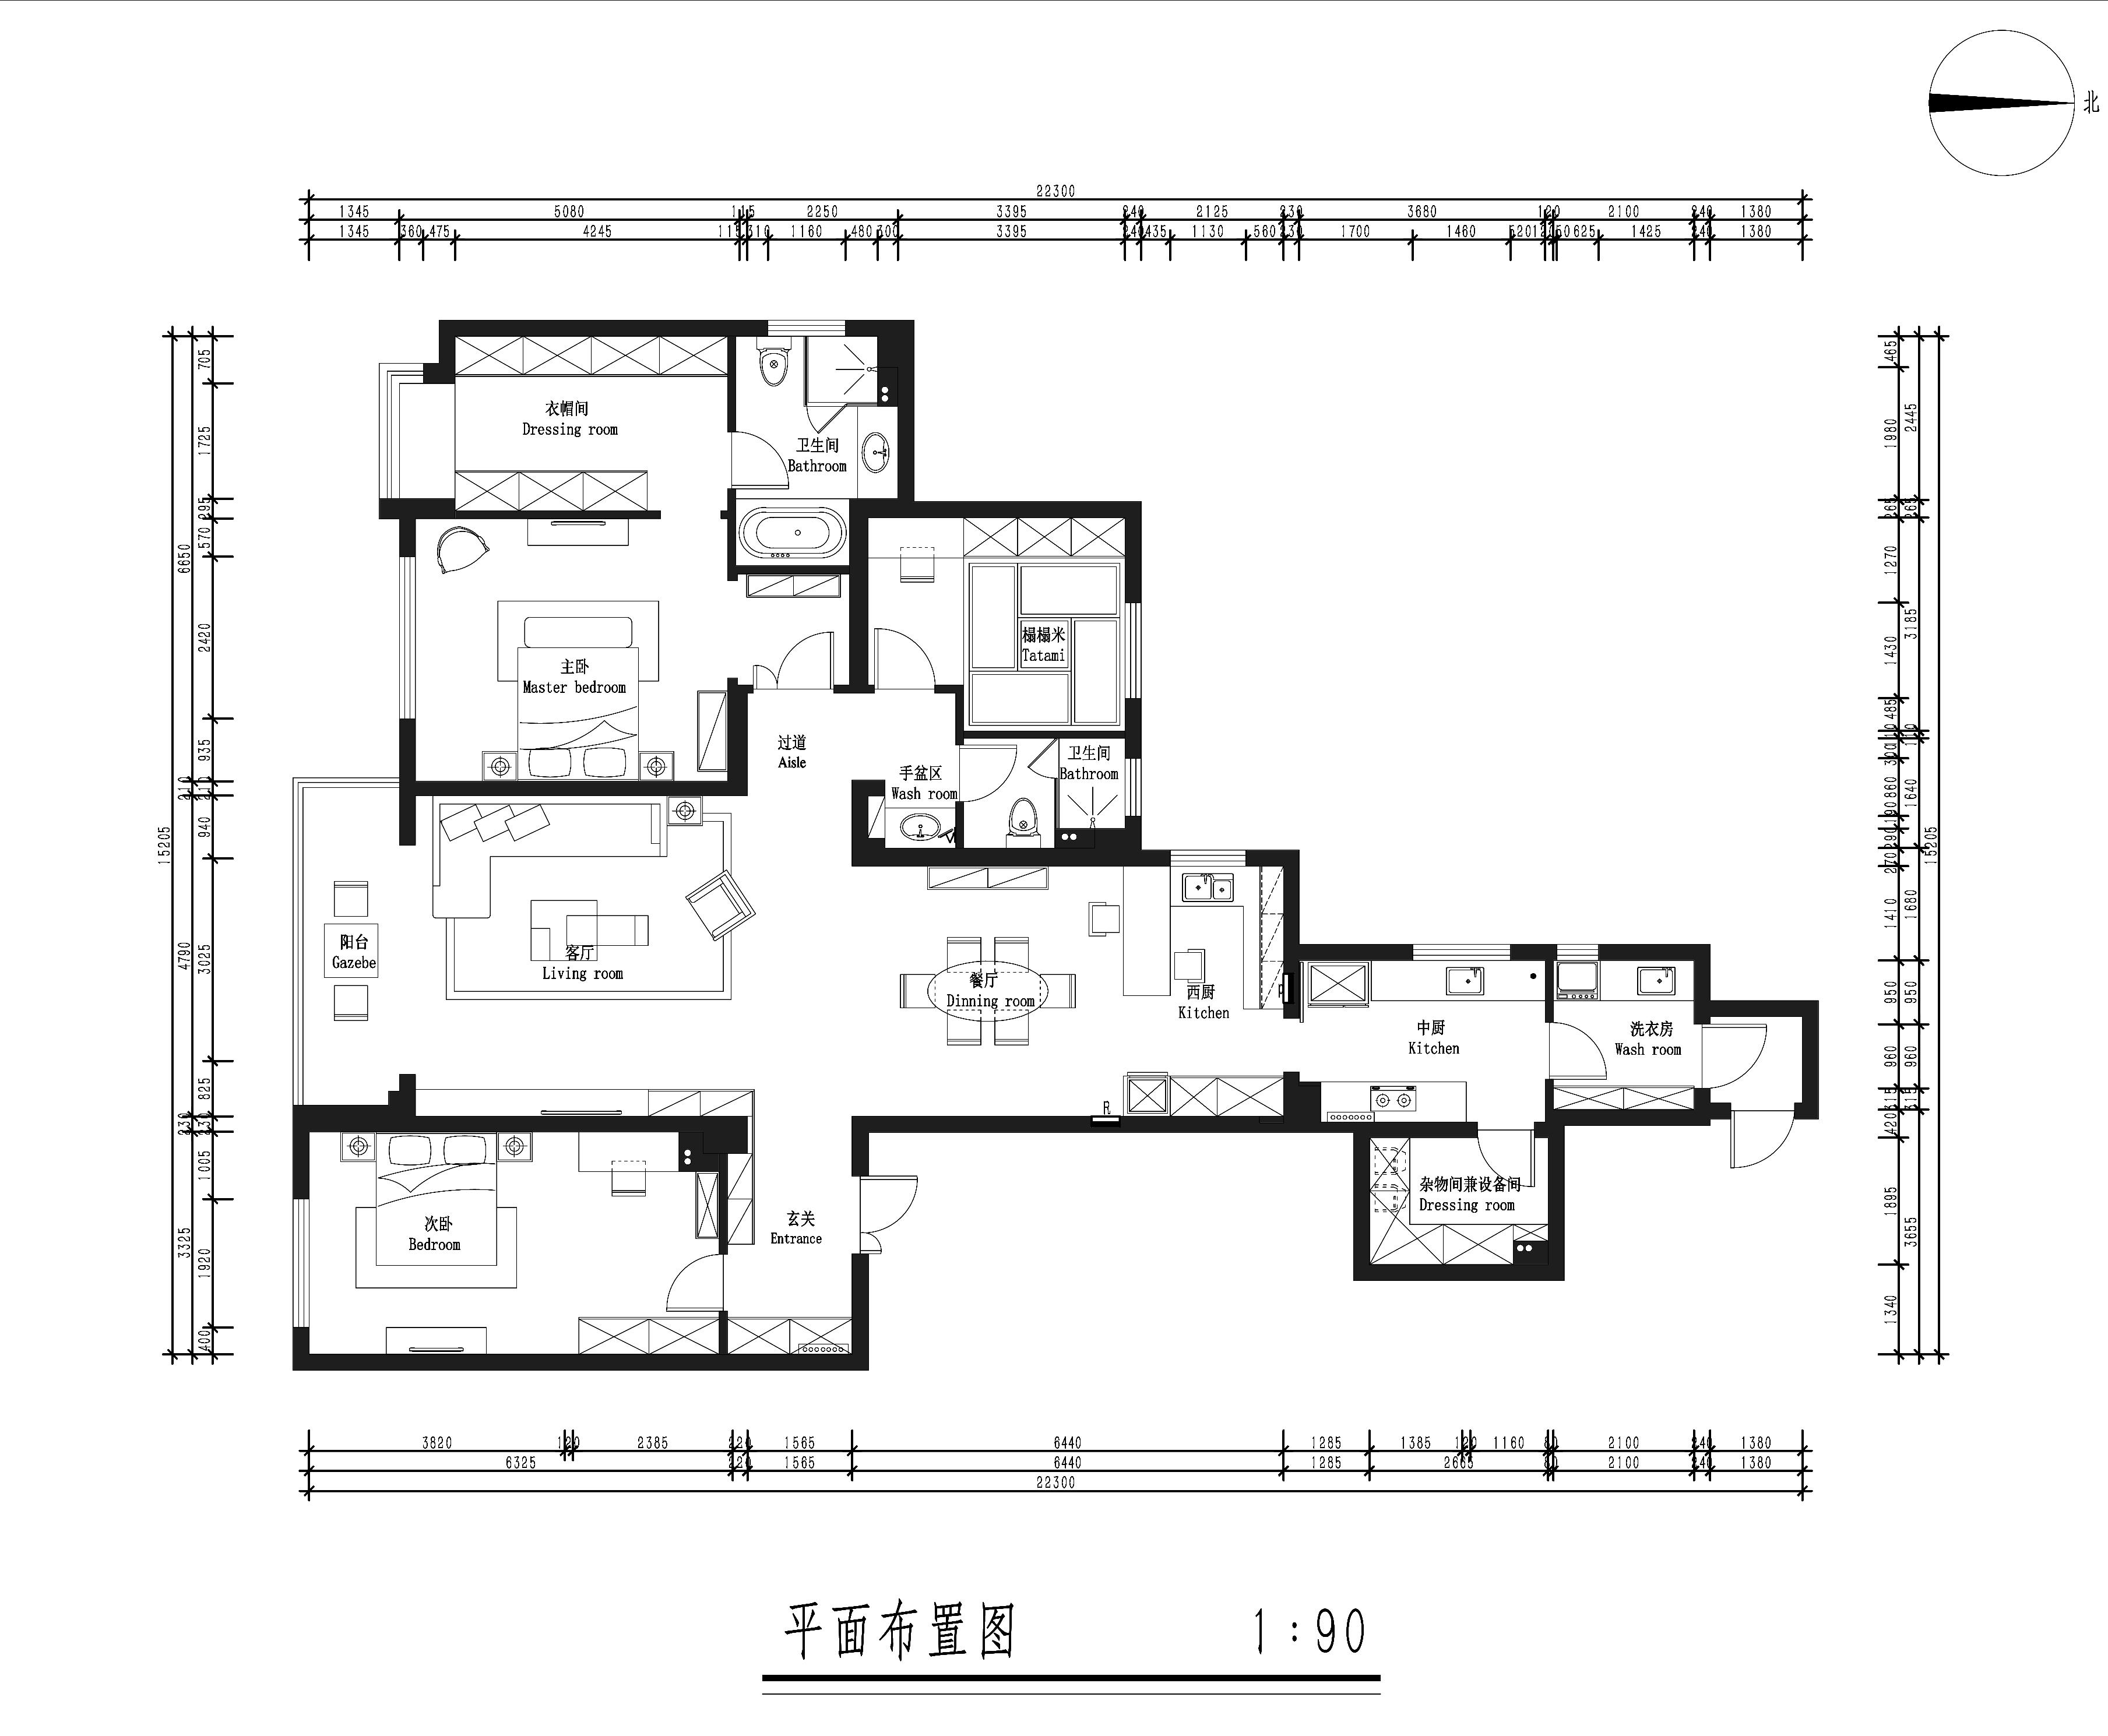 奕聪花园214平现代风格效果图装修设计理念